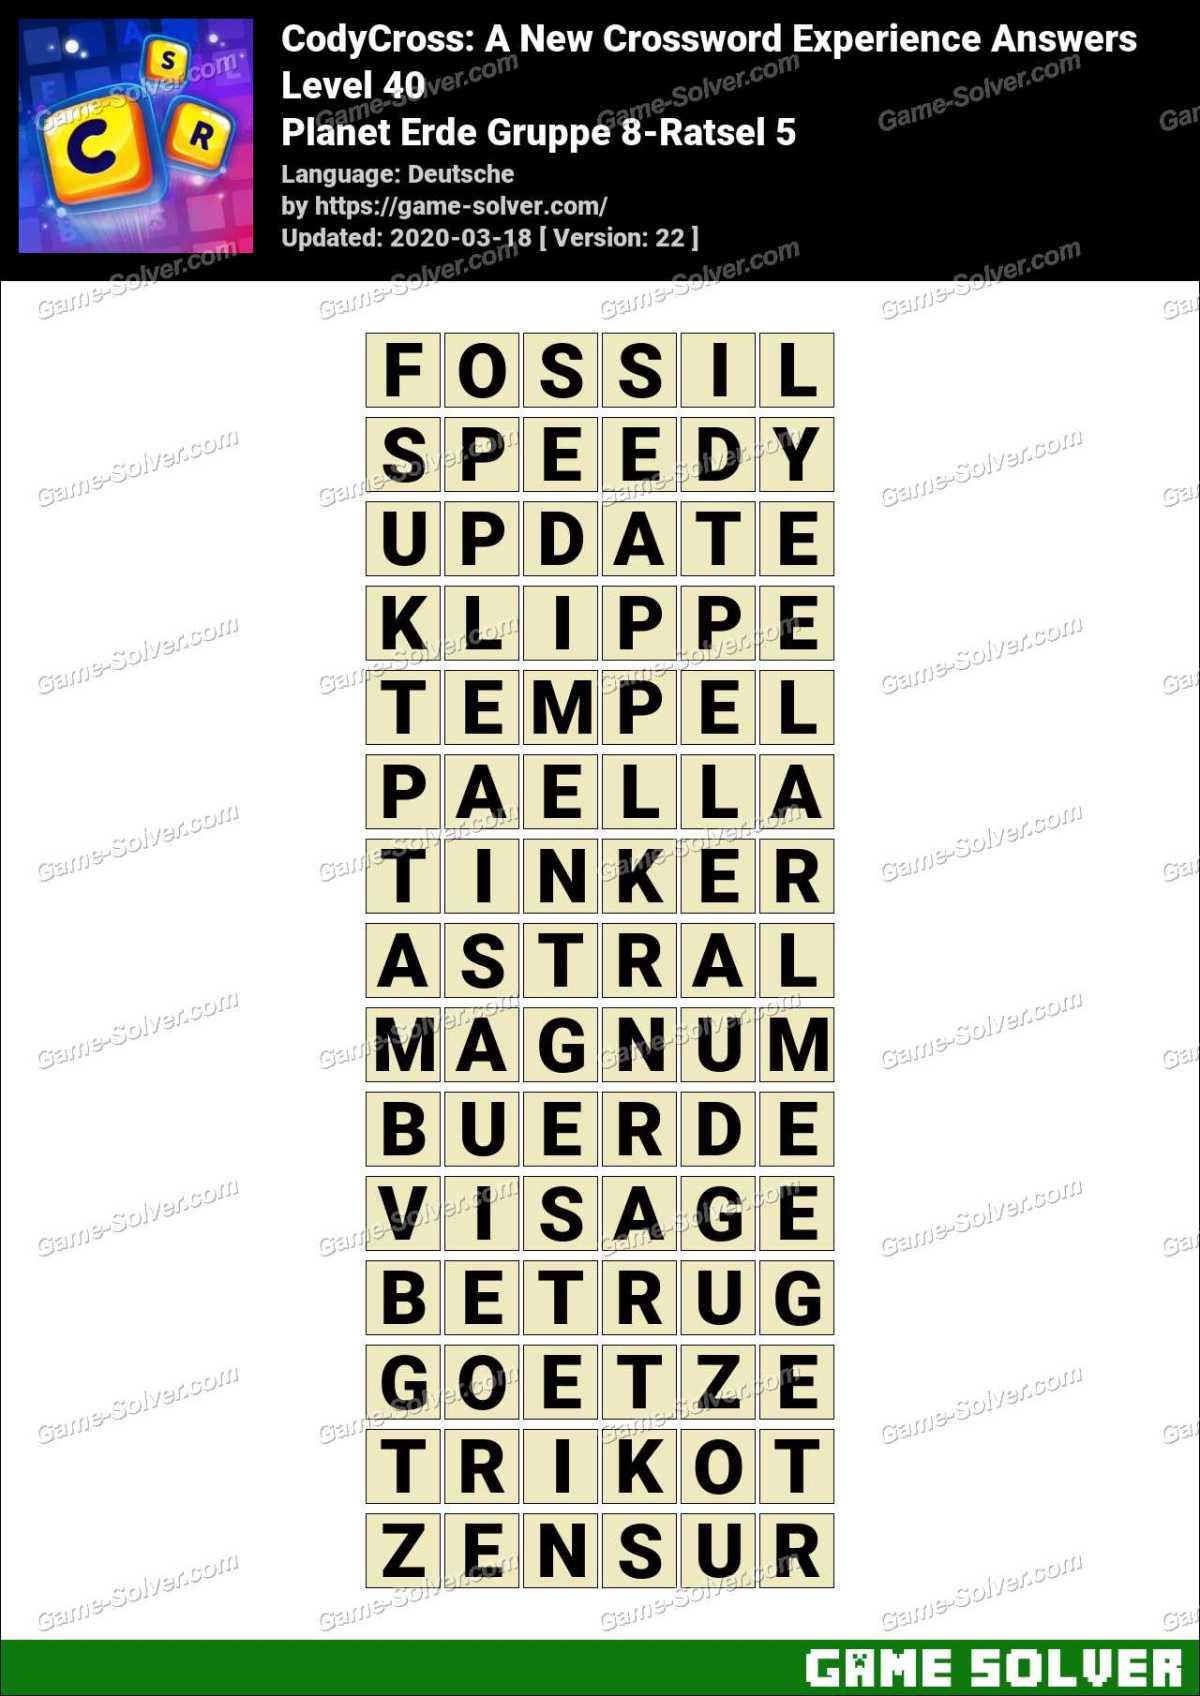 CodyCross Planet Erde Gruppe 8-Ratsel 5 Lösungen